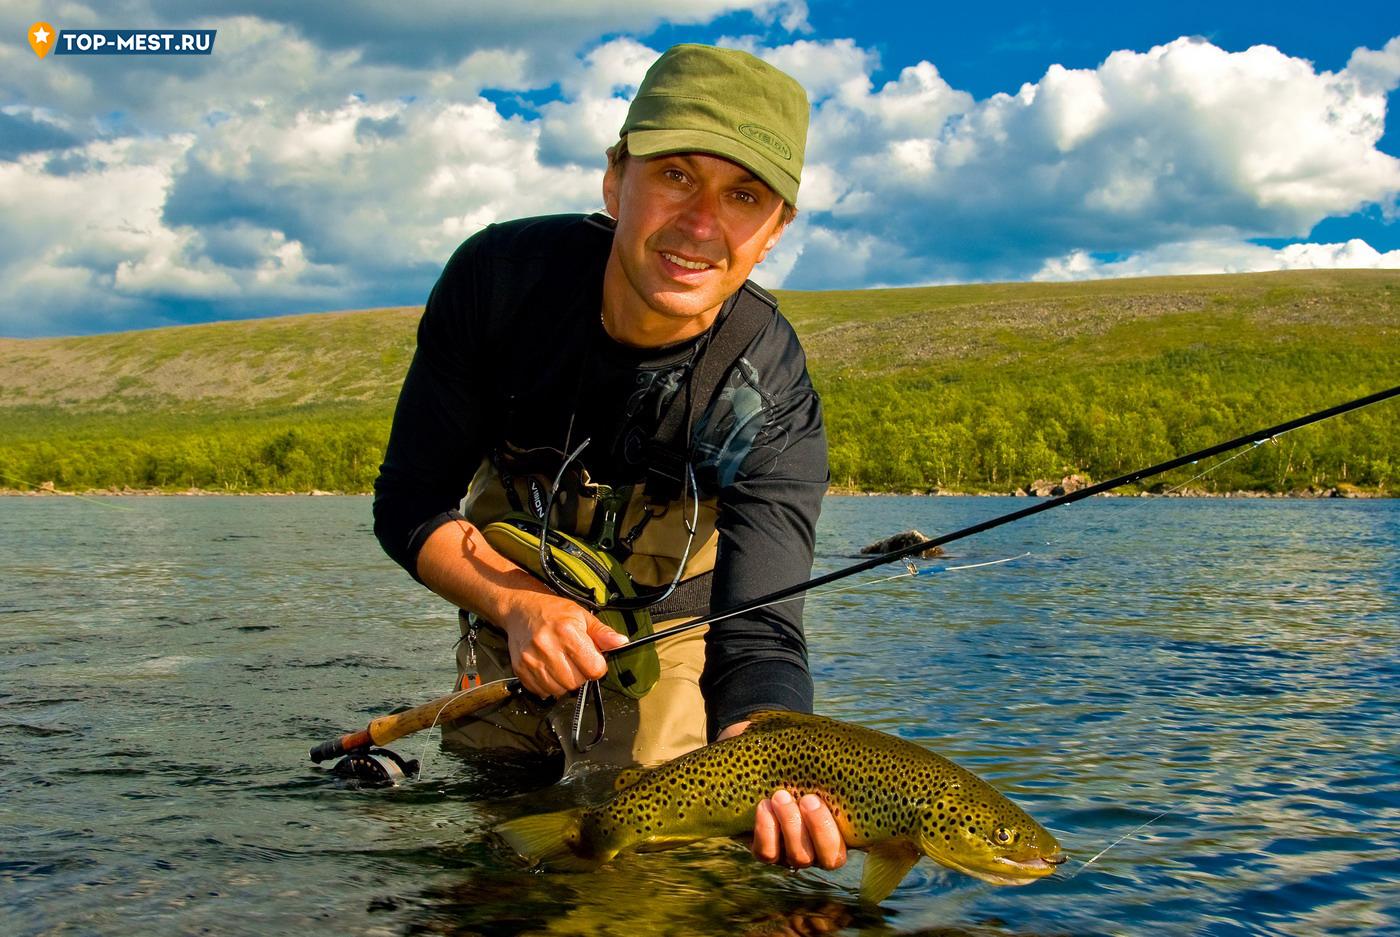 все секреты о рыбалке от любителя